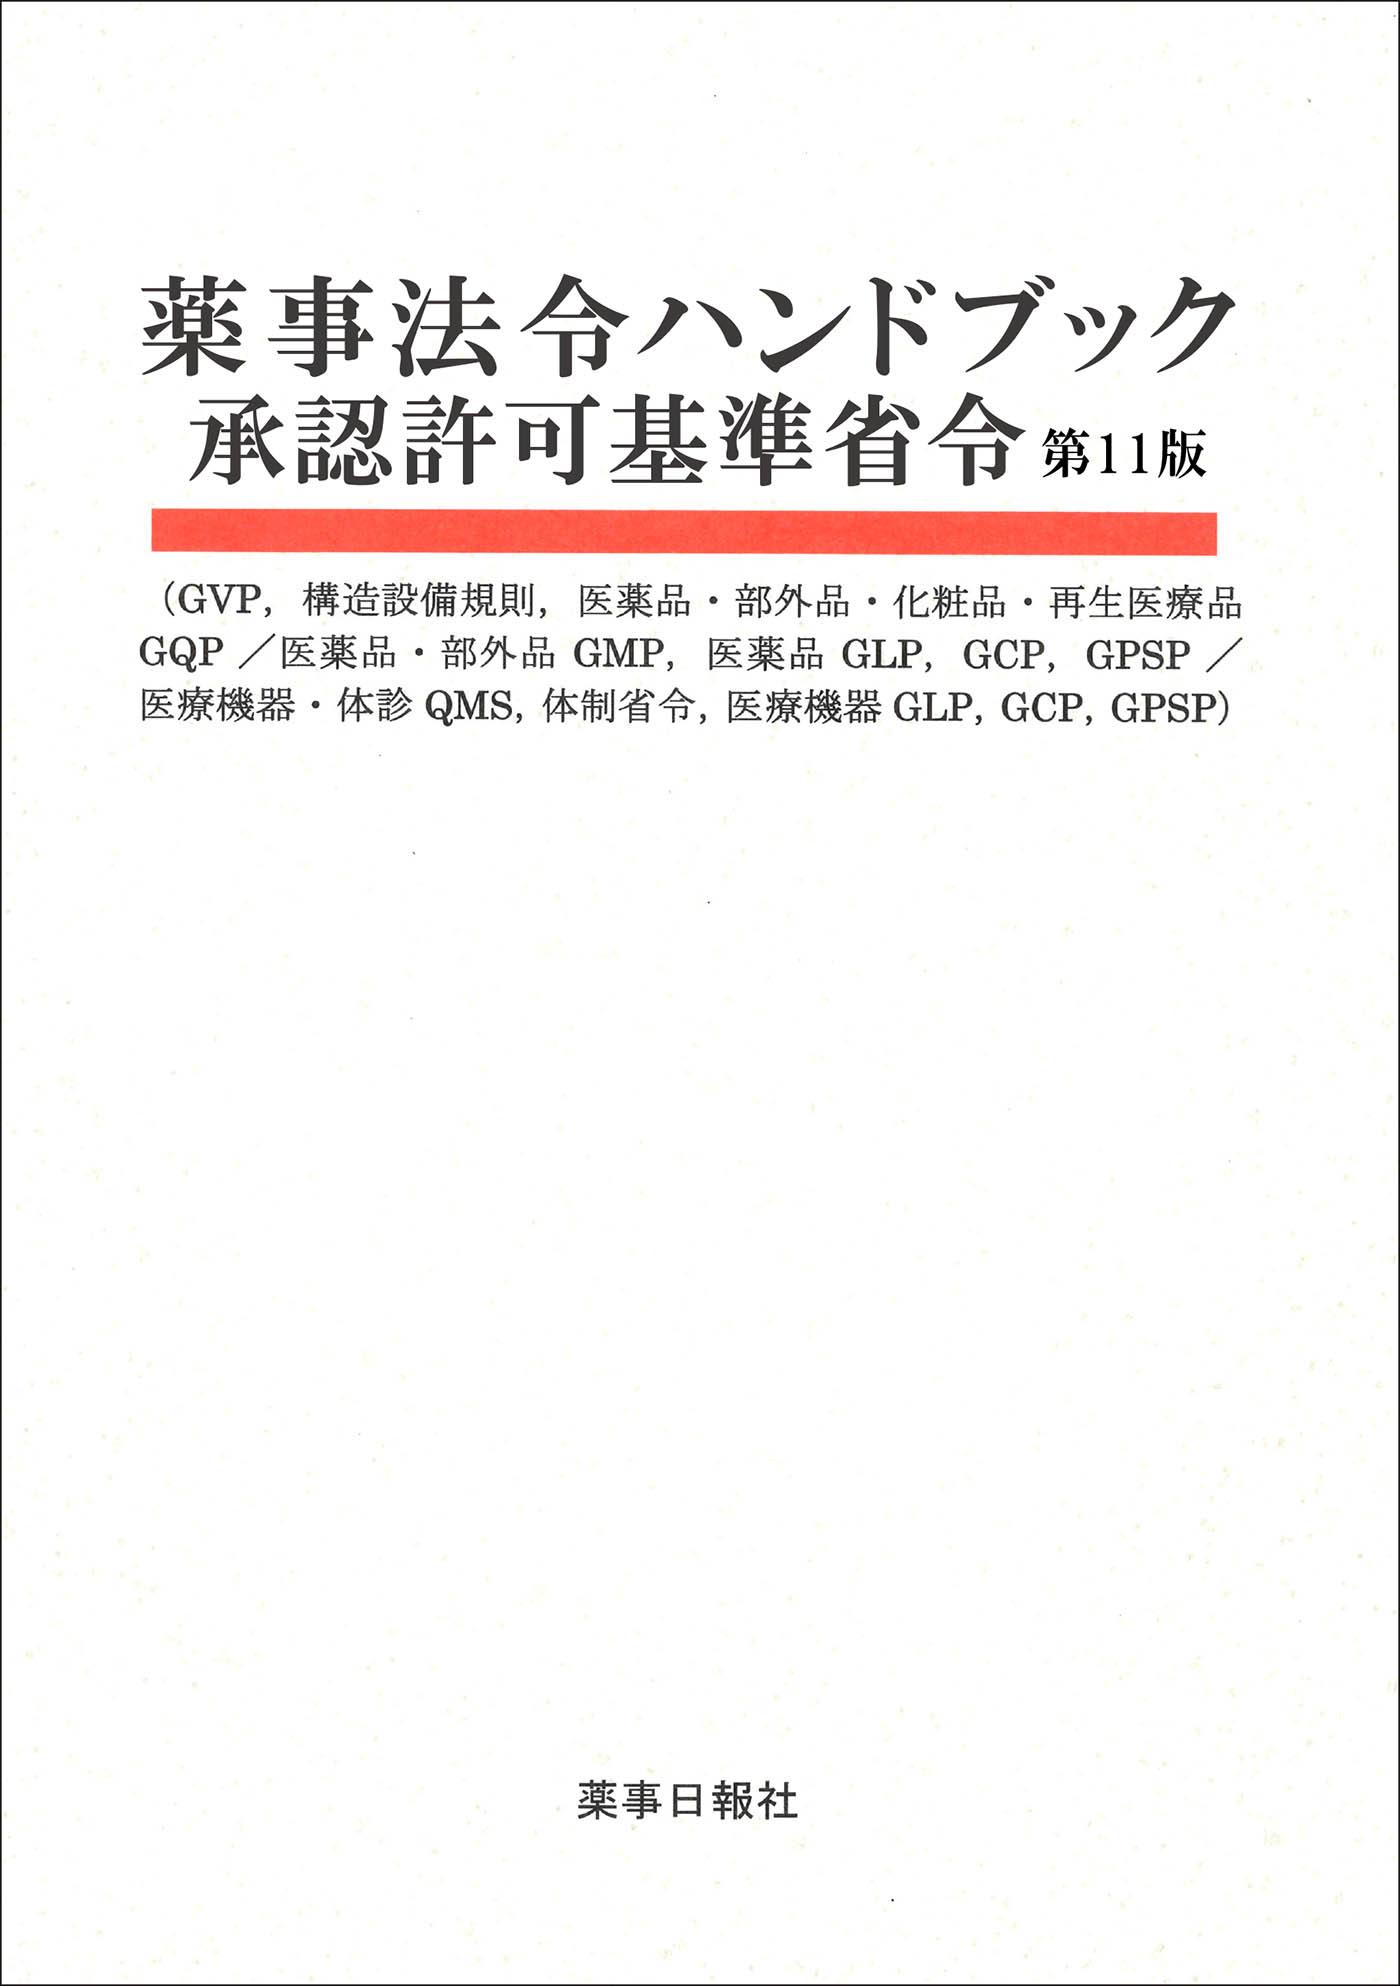 薬事法令ハンドブック 承認許可基準省令 第11版